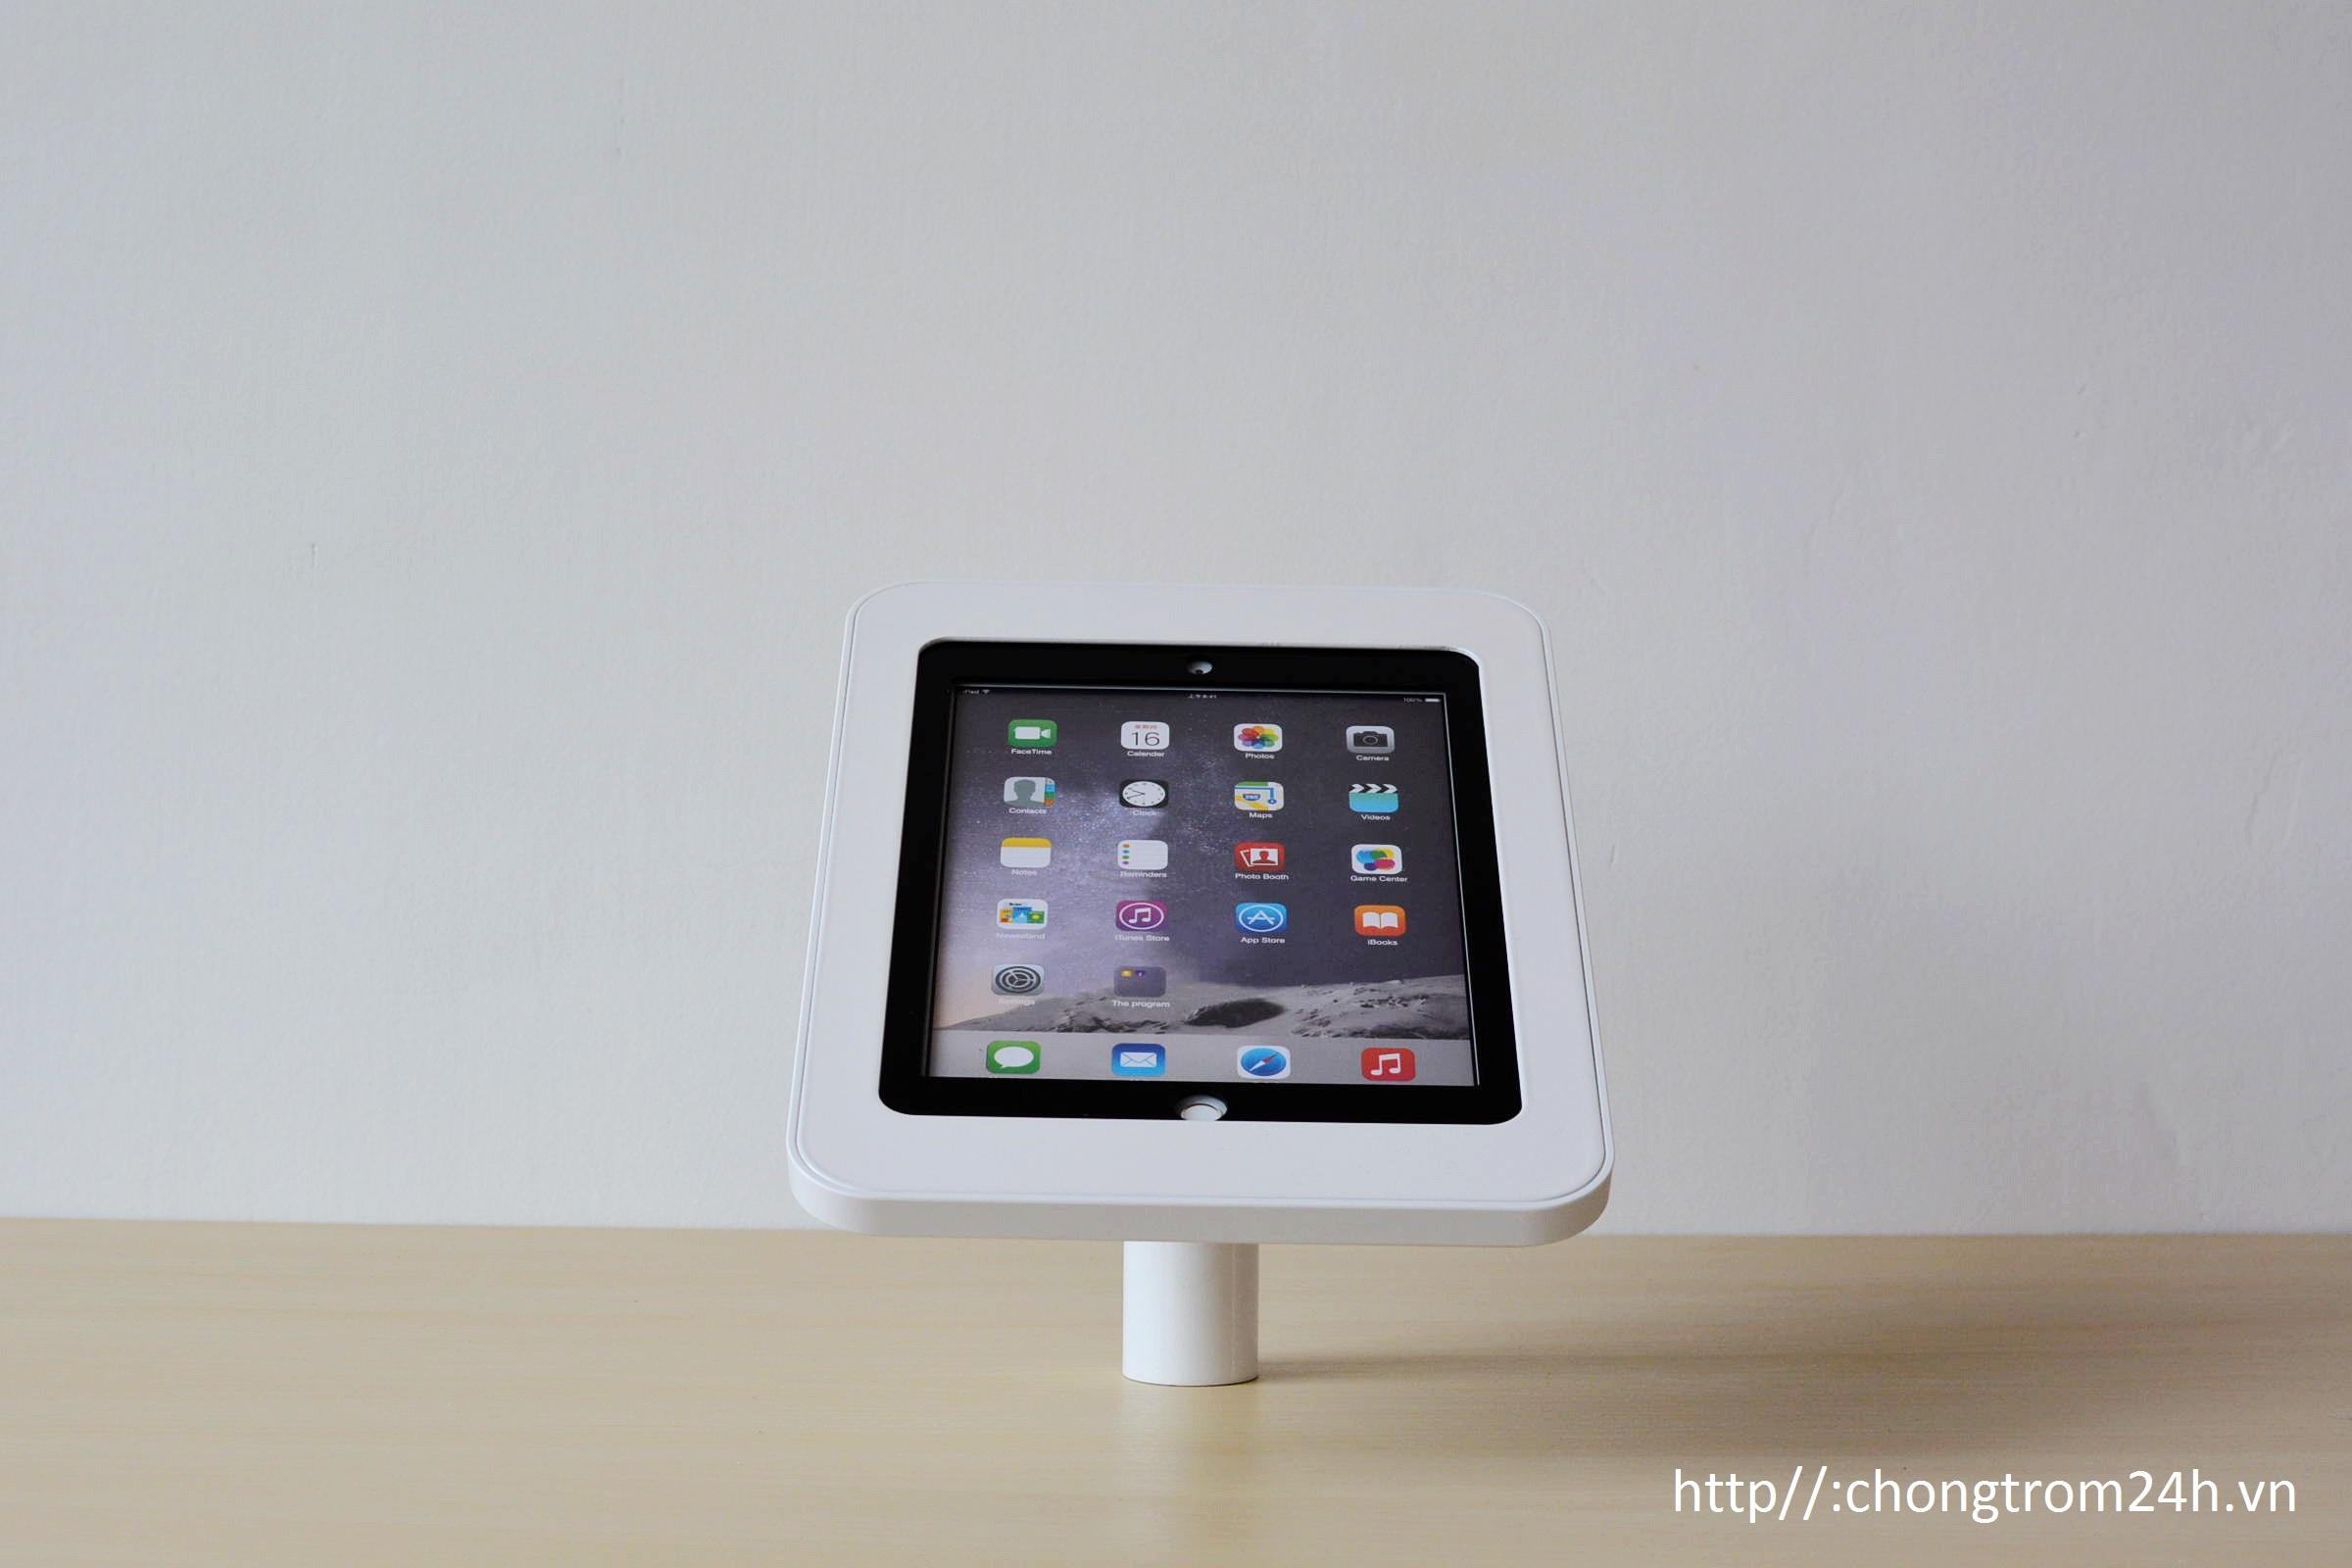 Giá đỡ máy tính bảng trên bàn - loại 30°